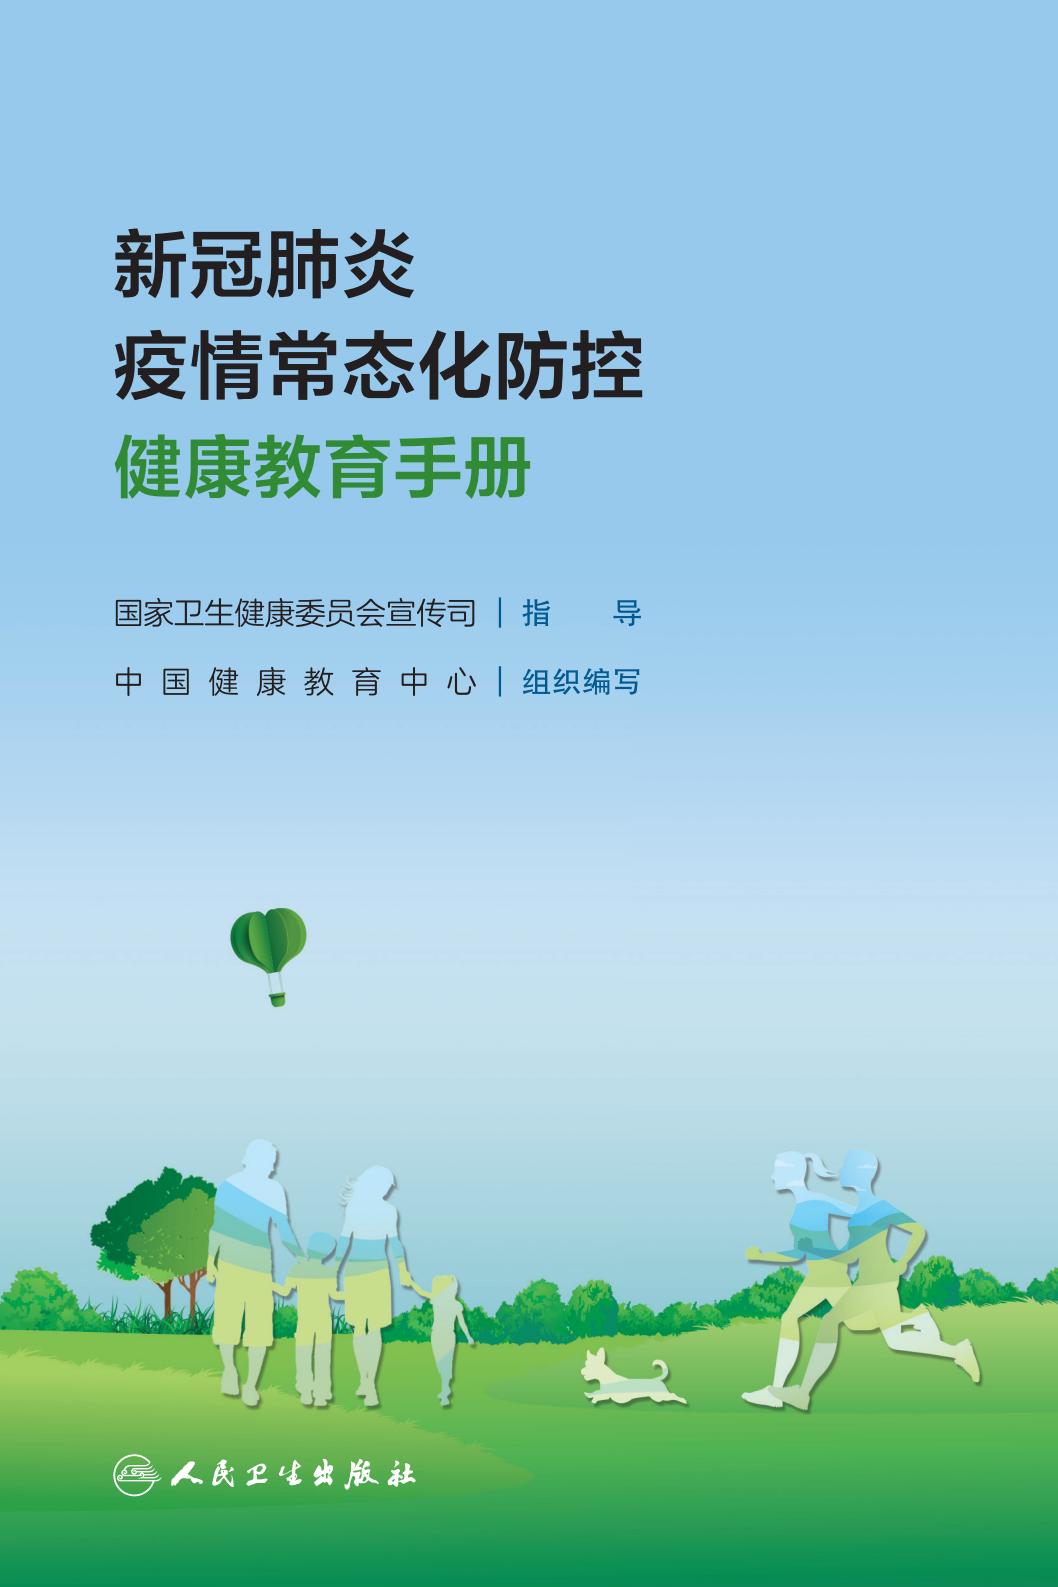 国家发布最新《新冠肺炎疫情常态化防控健康教育手册》